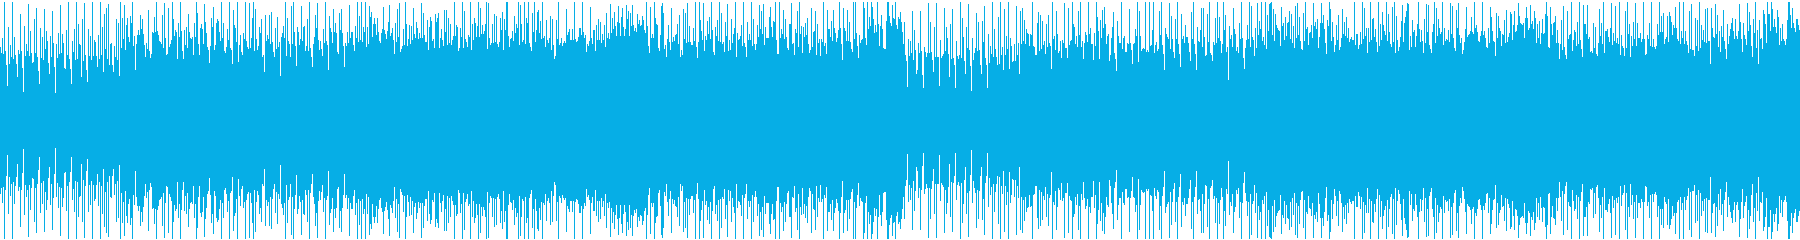 熱く燃える疾走感のあるロックインストの再生済みの波形